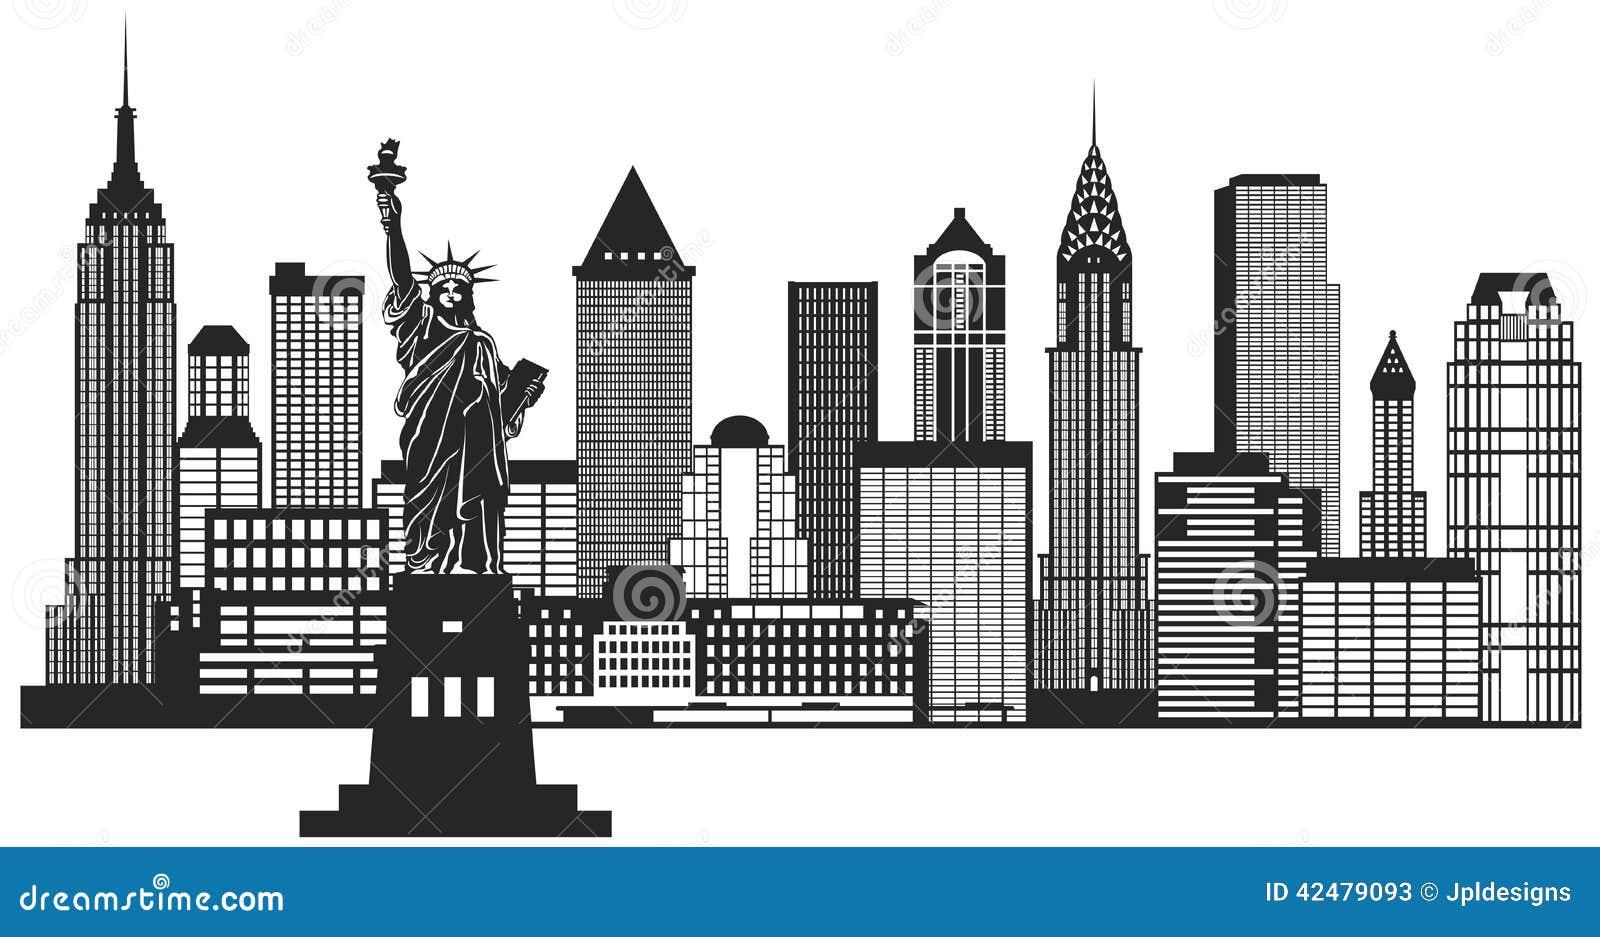 Vetor preto e branco da ilustração da skyline de New York City